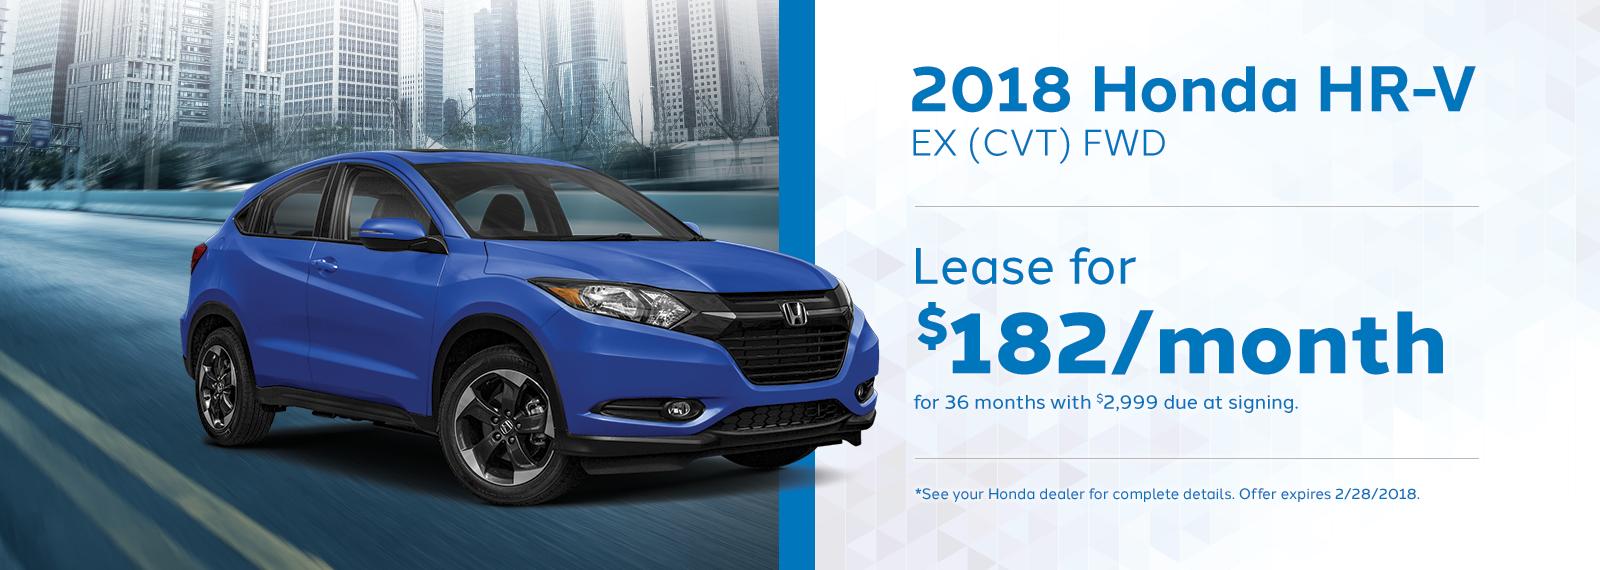 2018 Honda HRV Lease Offer February